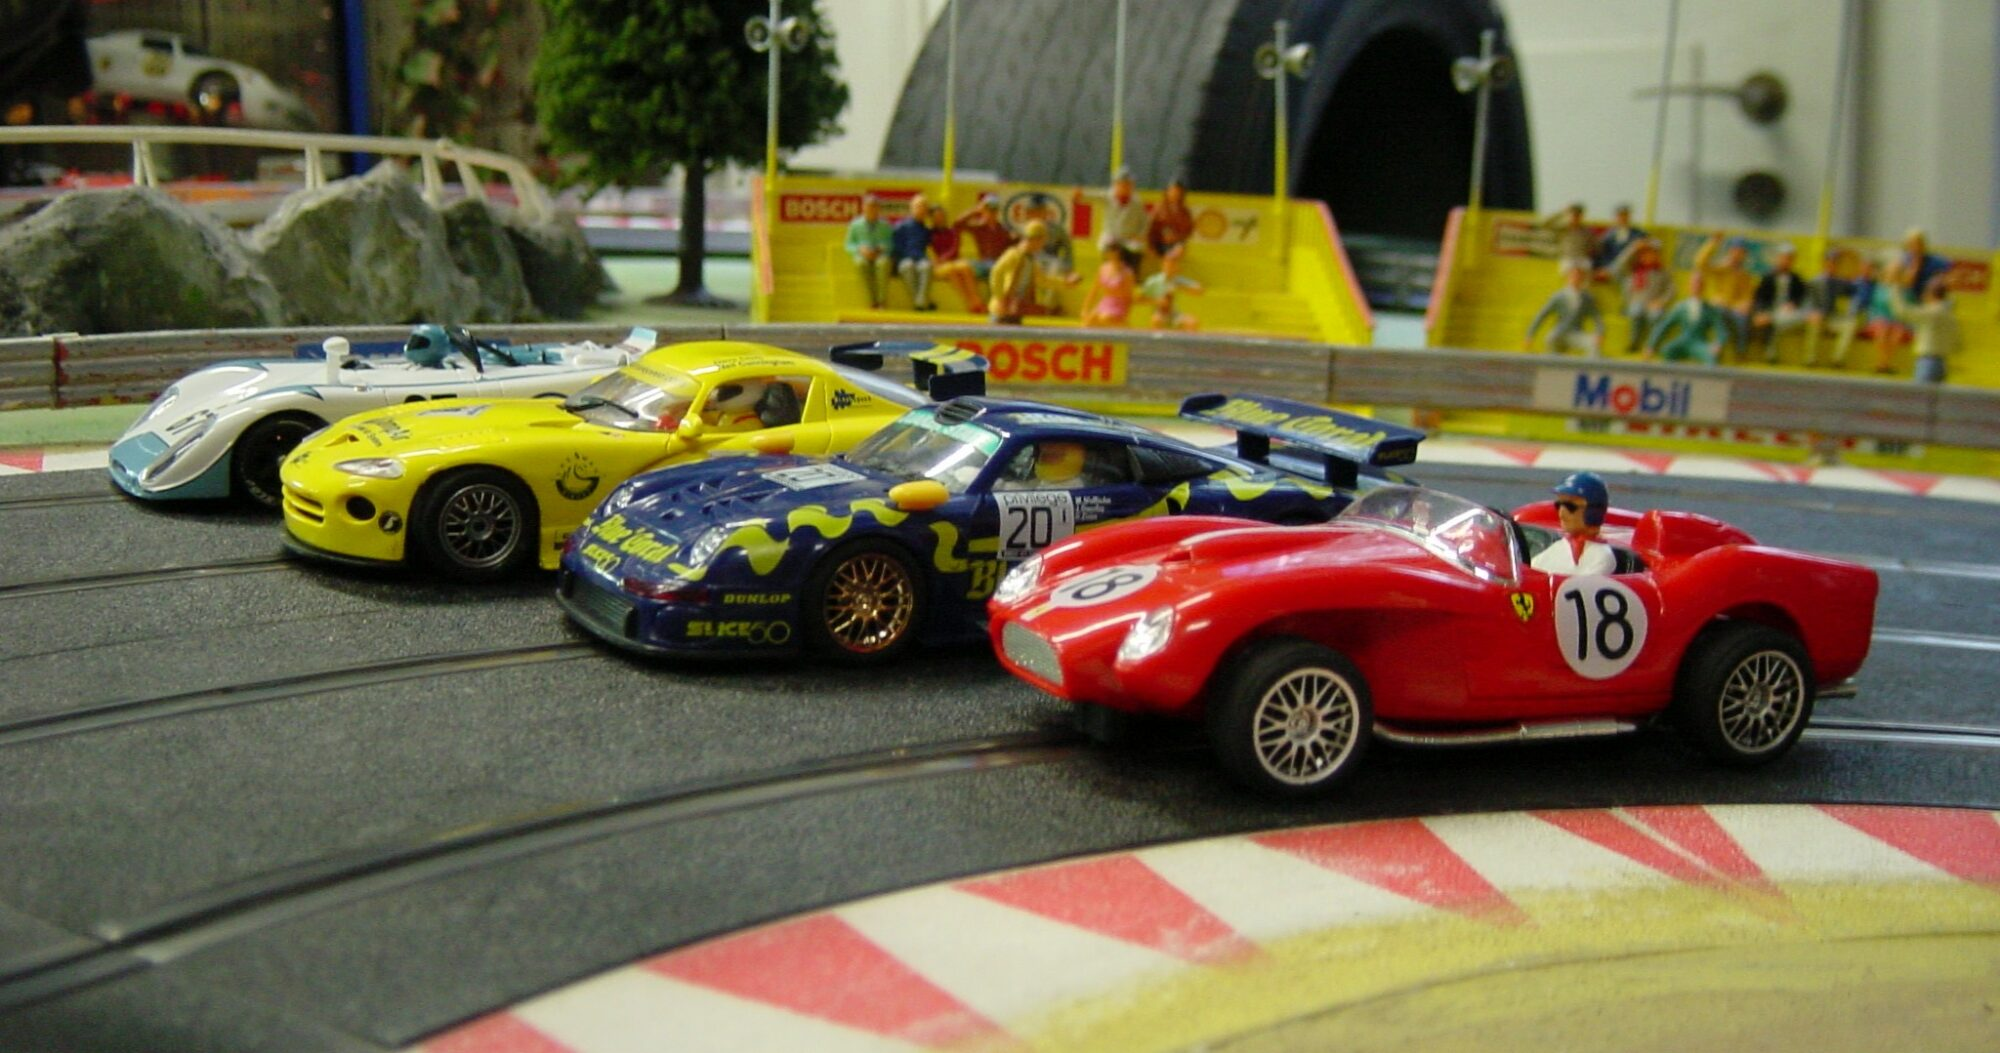 Ruedi Slot Racing